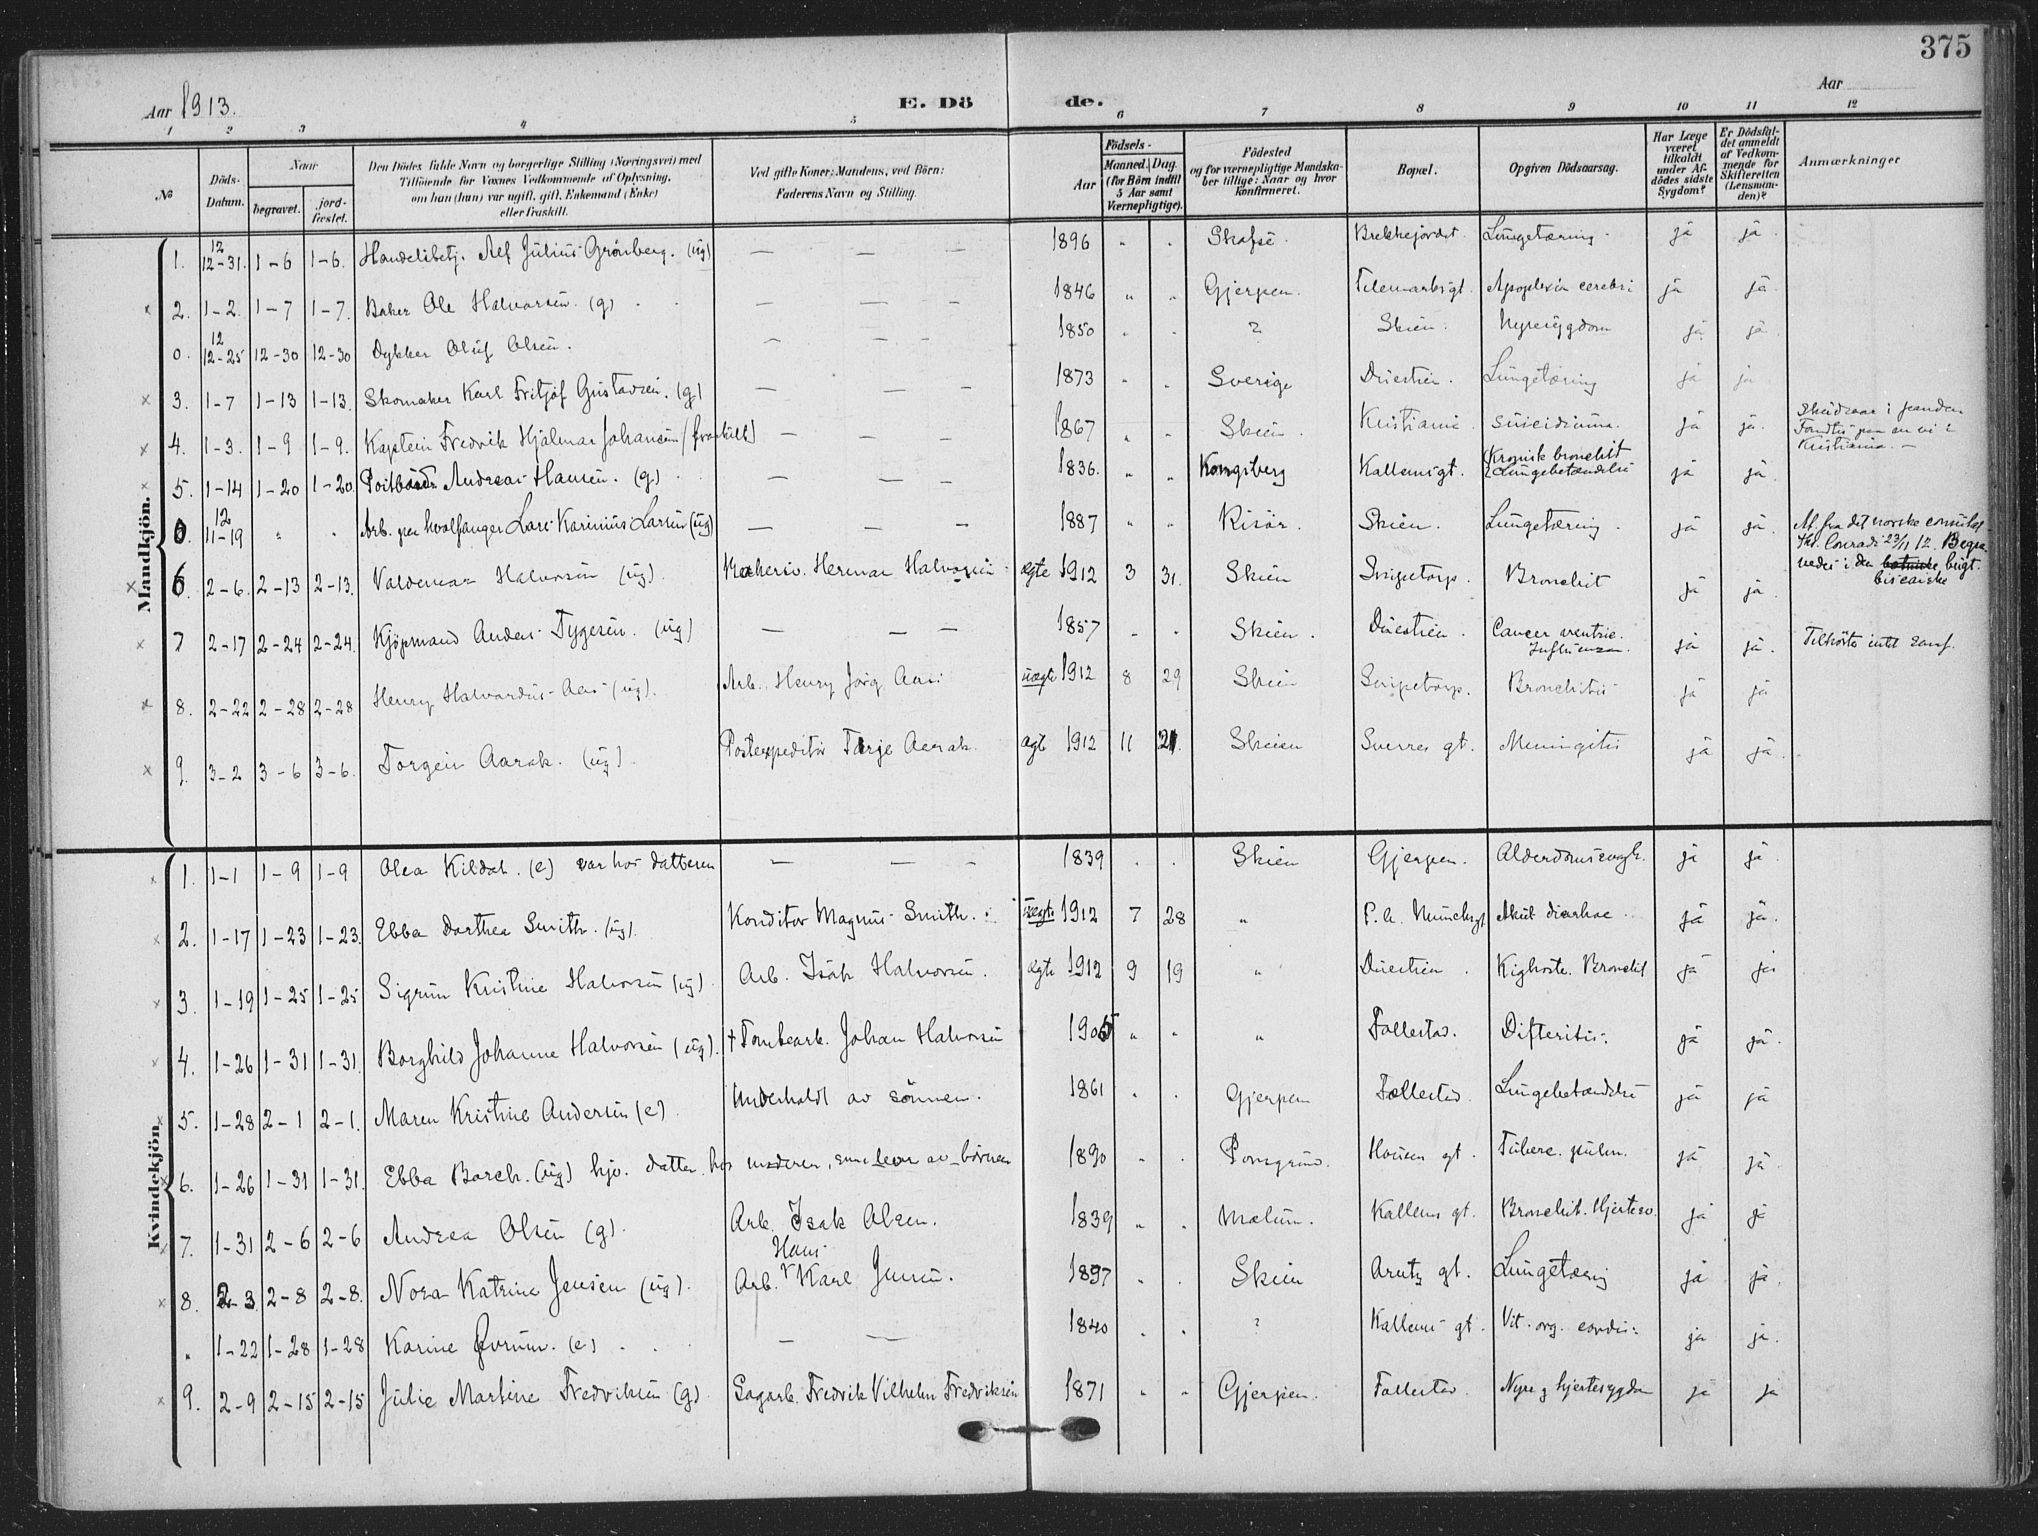 SAKO, Skien kirkebøker, F/Fa/L0012: Ministerialbok nr. 12, 1908-1914, s. 375